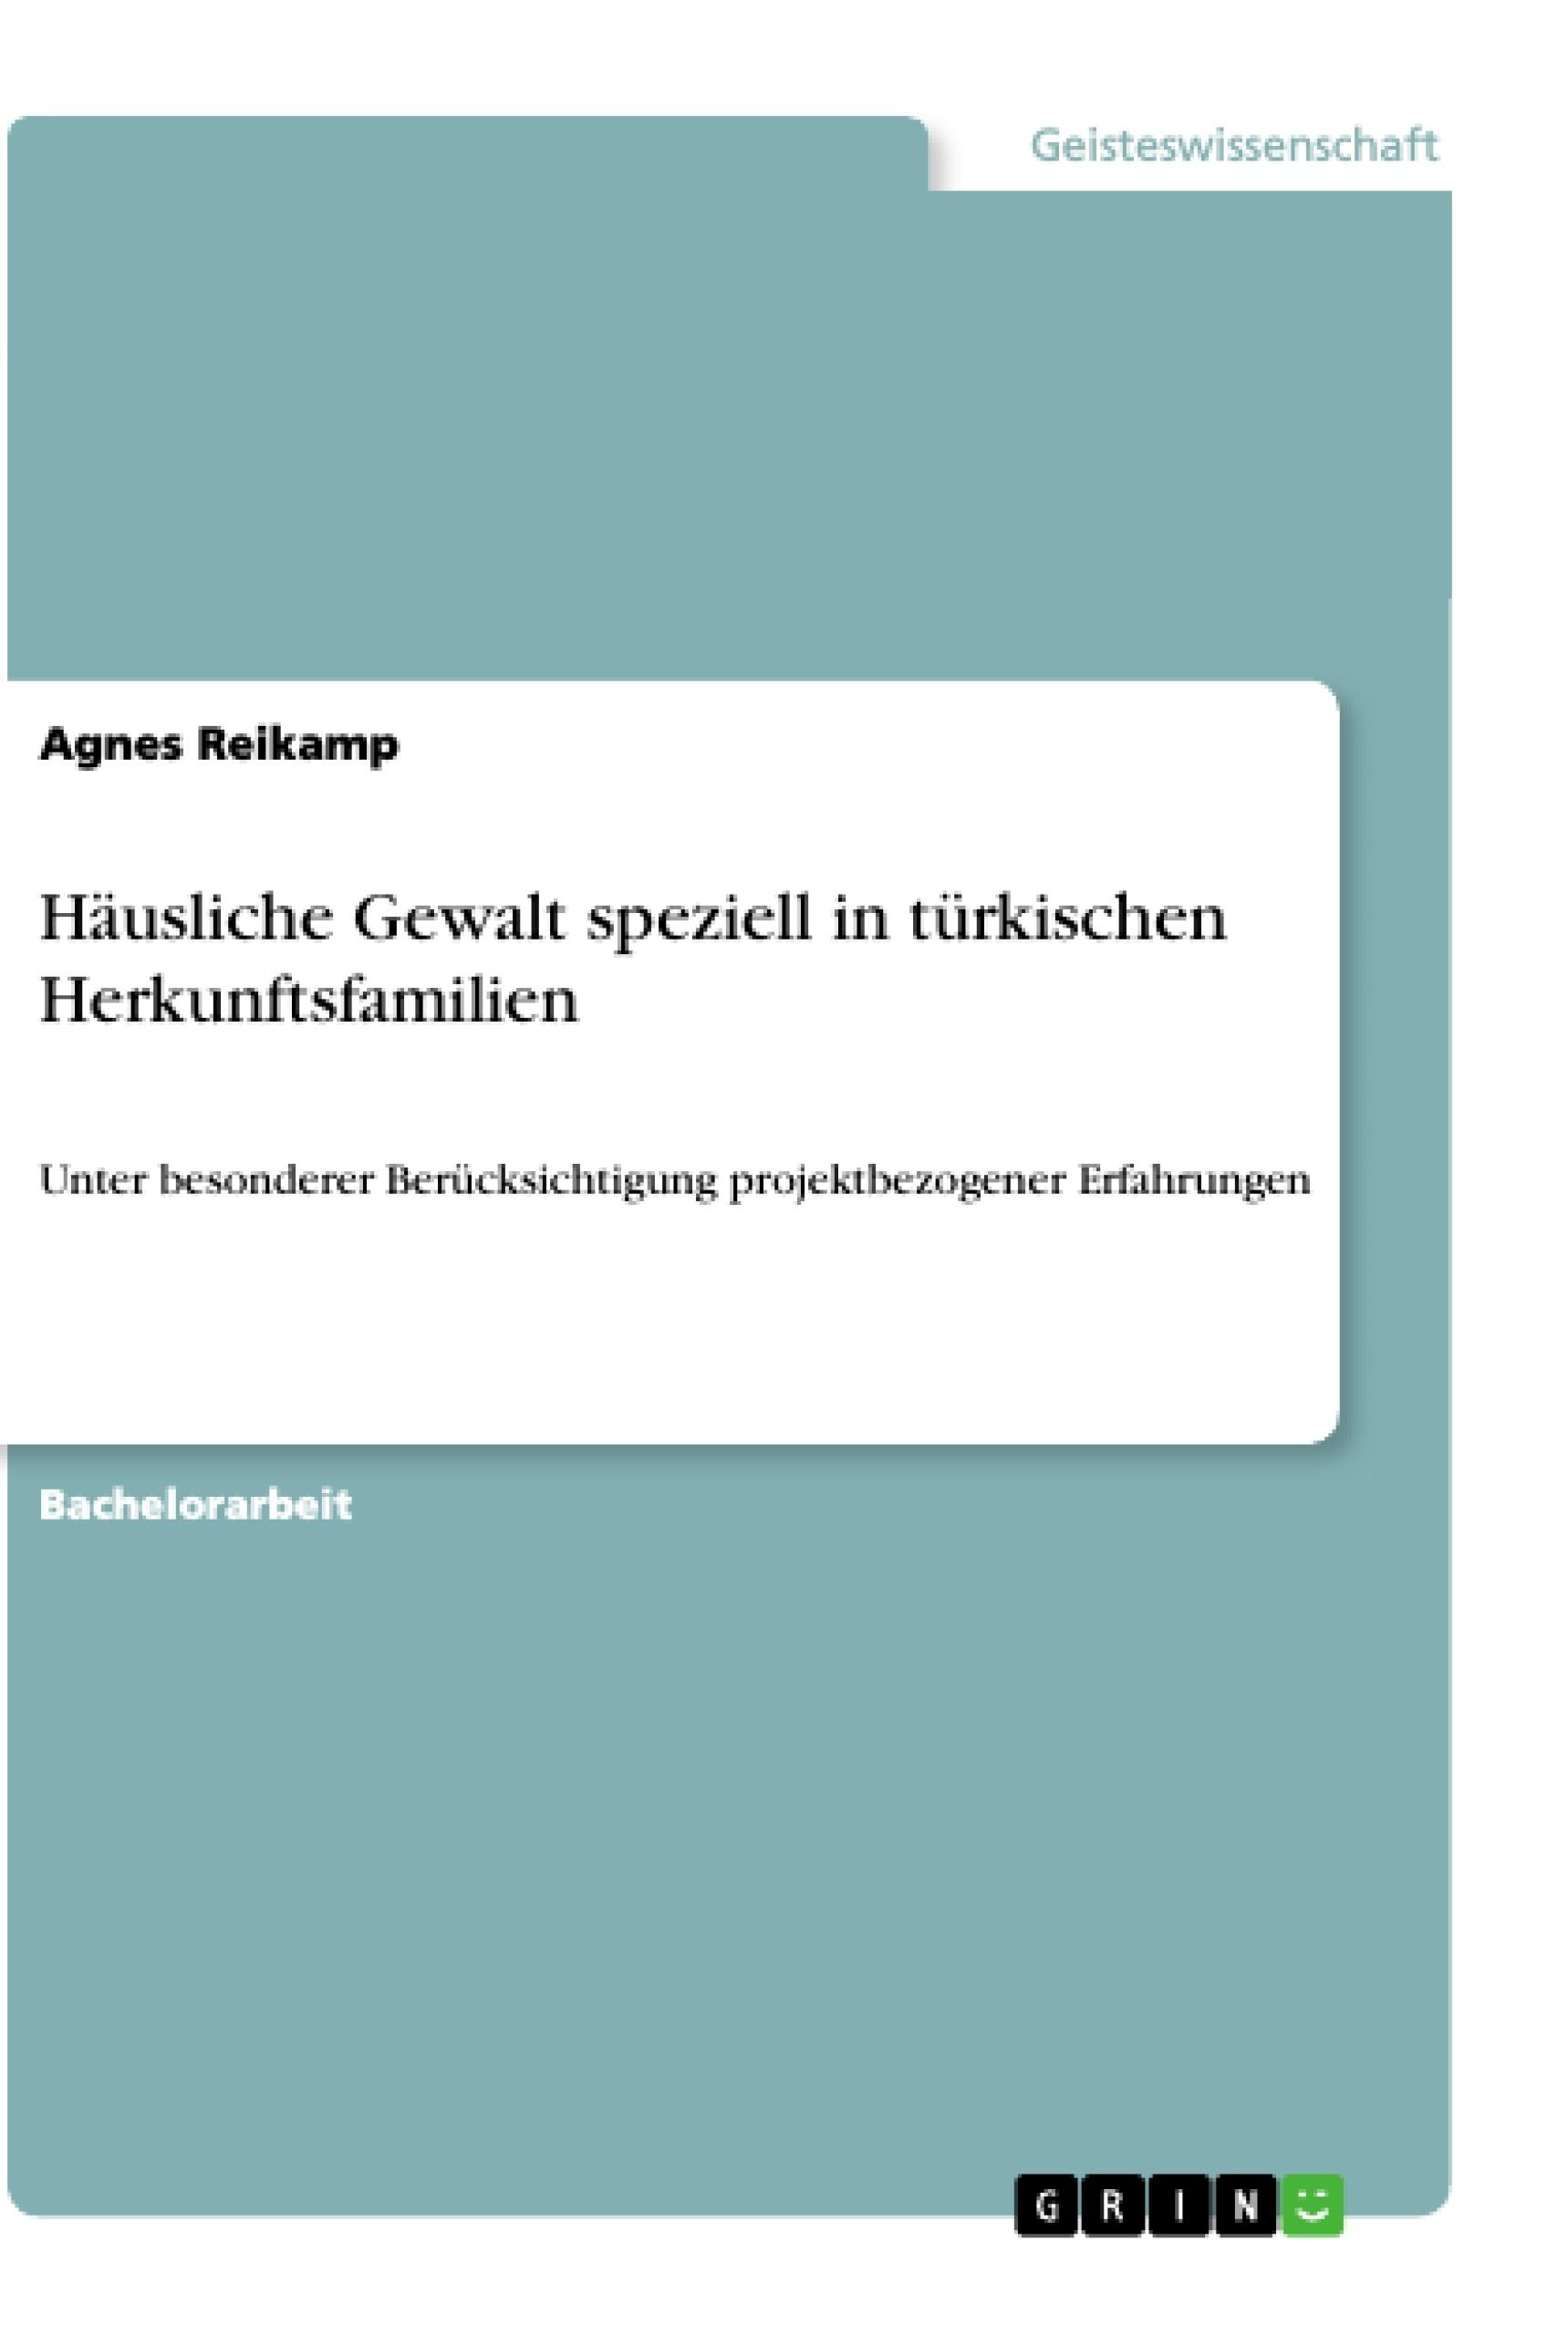 Titel: Häusliche Gewalt speziell in türkischen Herkunftsfamilien